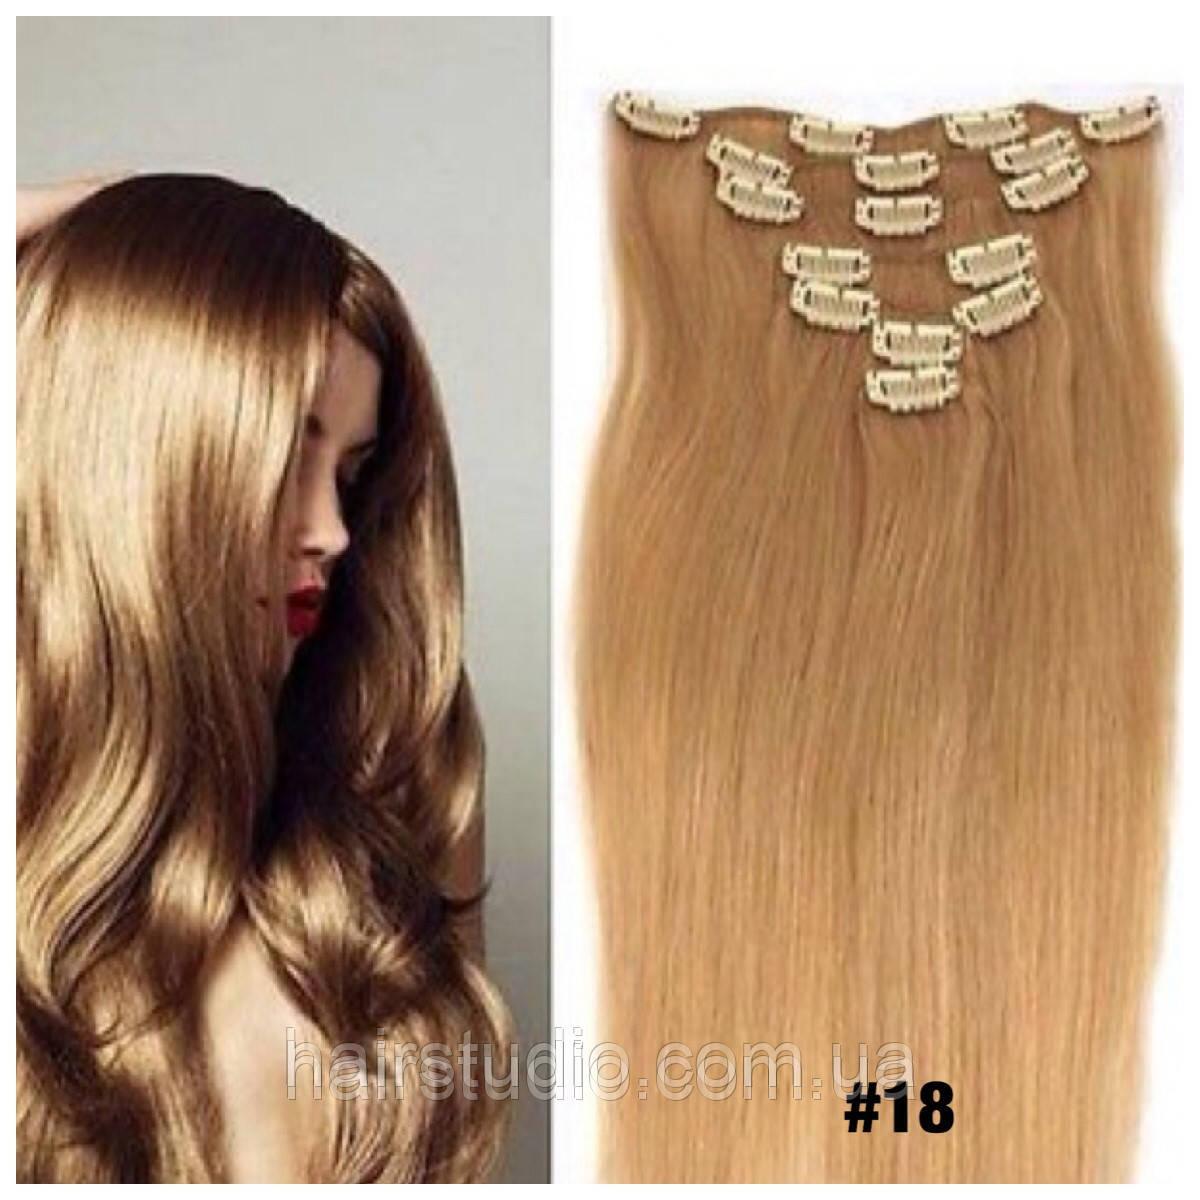 Волосся Remy на заколках 55 см відтінок #18